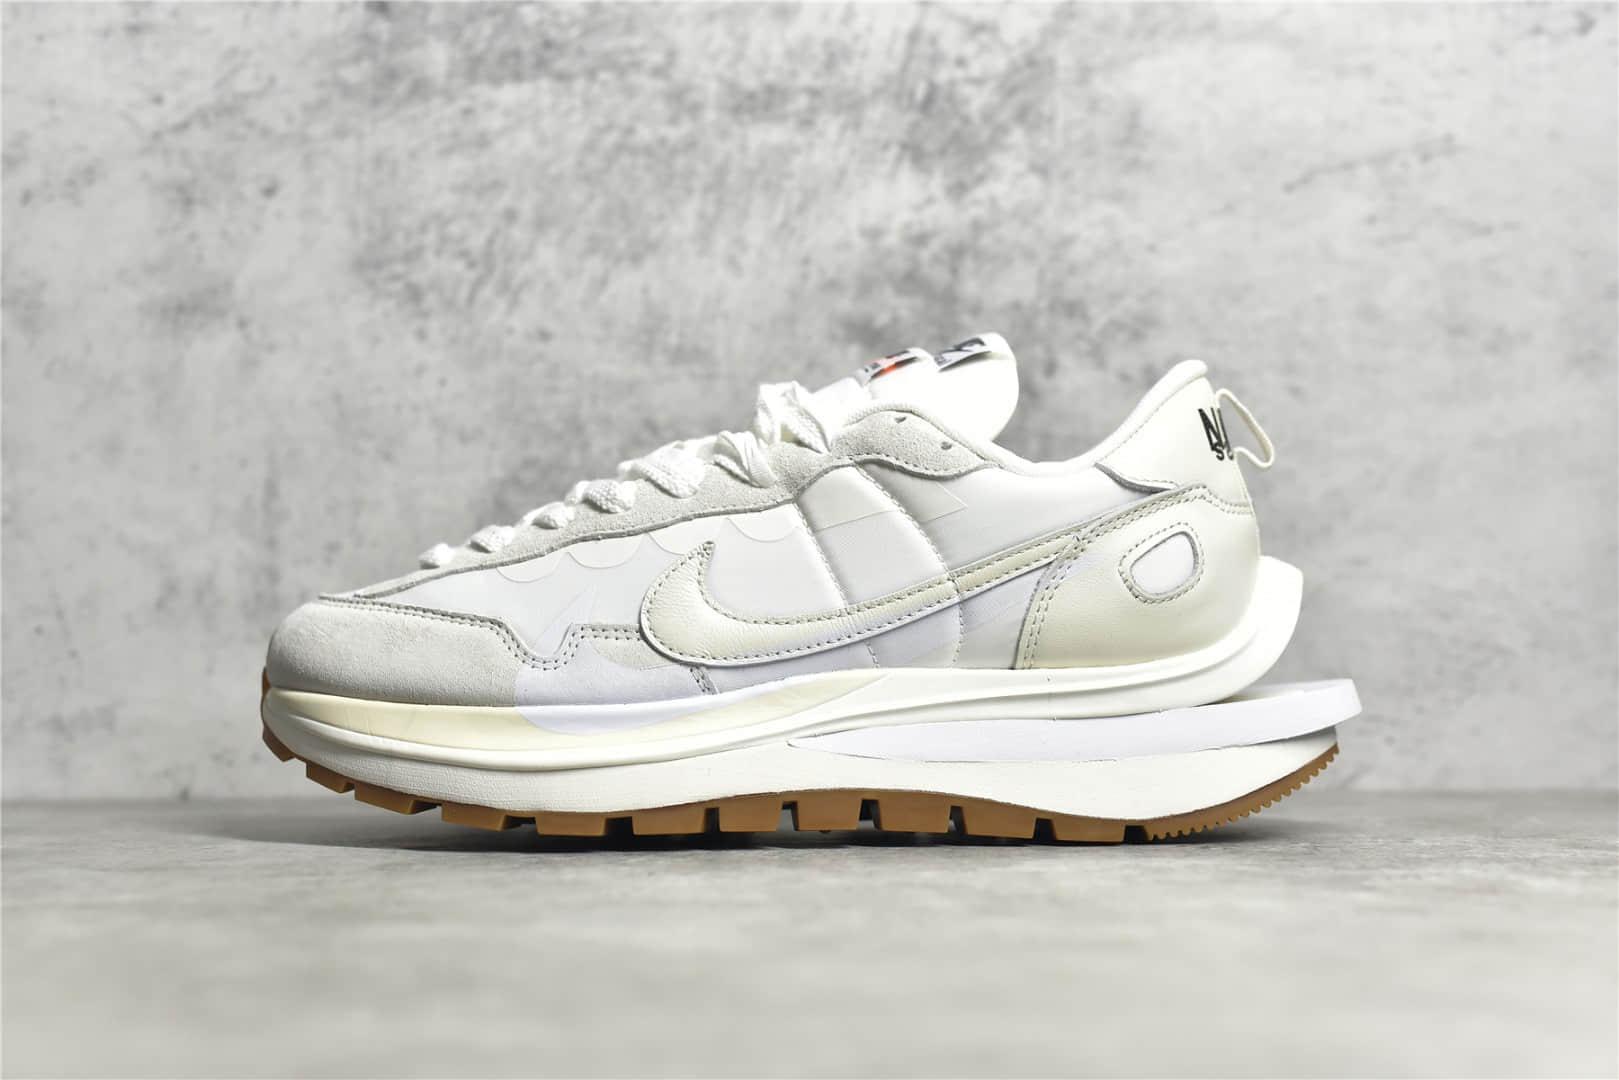 耐克Sacai联名白帆生胶 Sacai X Nike regasus vaporrly SP 莆田耐克过验鞋子 耐克Sacai联名纯原版本 货号:DD1875-100-潮流者之家